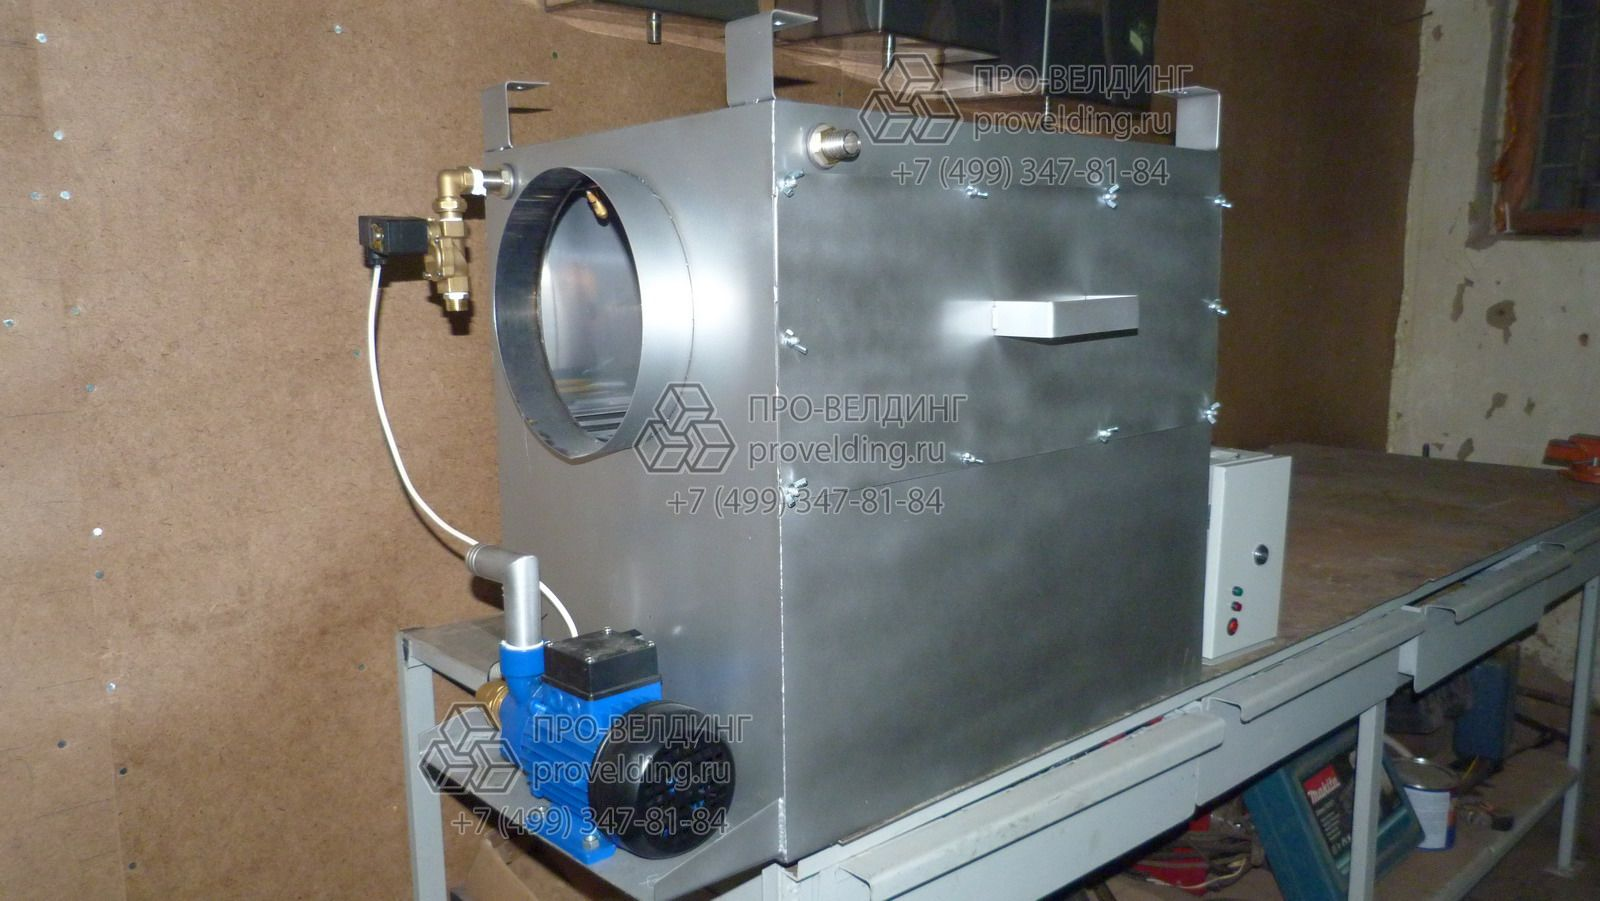 Искрогаситель на дымоход водяной купить дефлектор дымохода в пензе